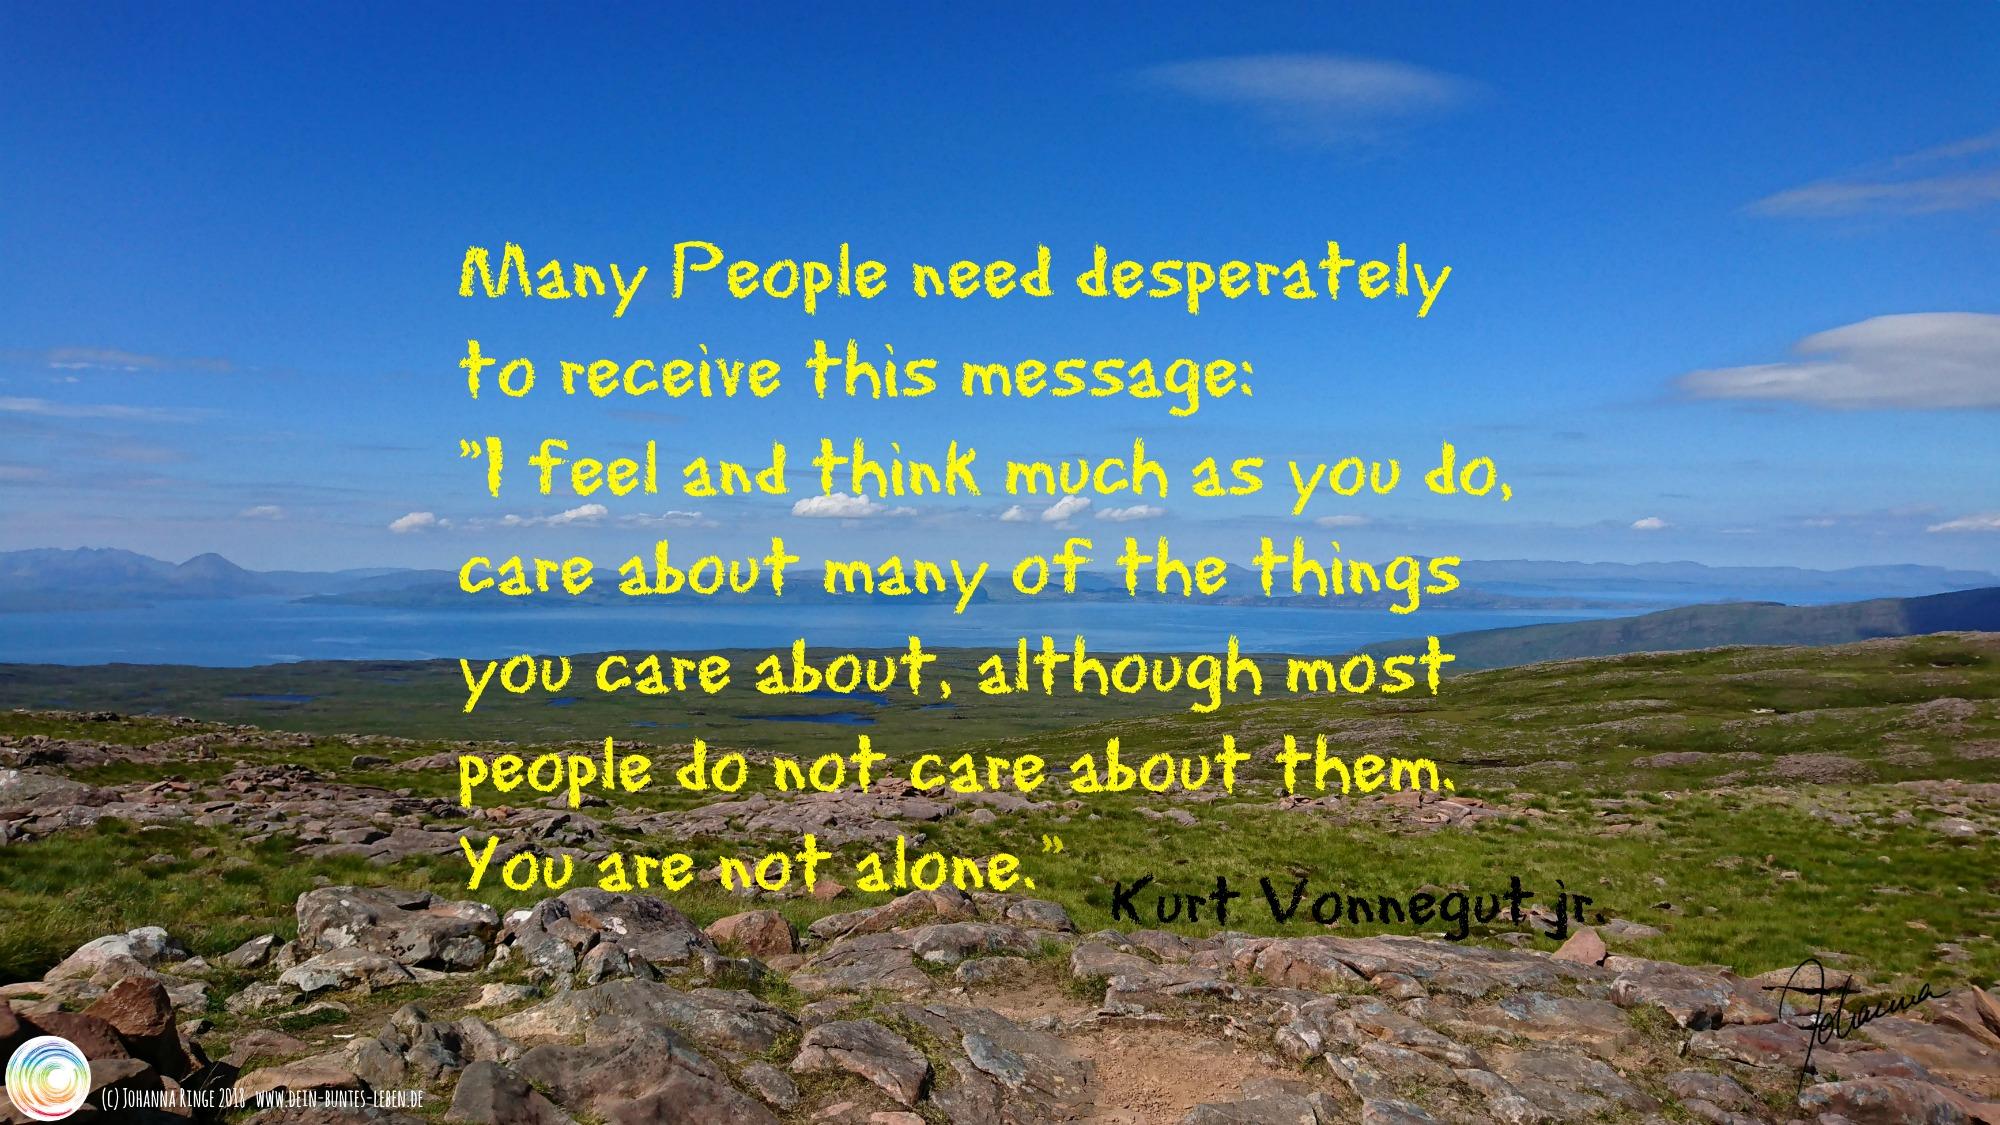 Kurt Vonnegut jr. Zitat auf einem Landschaftsfoto (Skye): You are not alone. (c) Johanna Ringe 2018 www.dein-buntes-leben.de